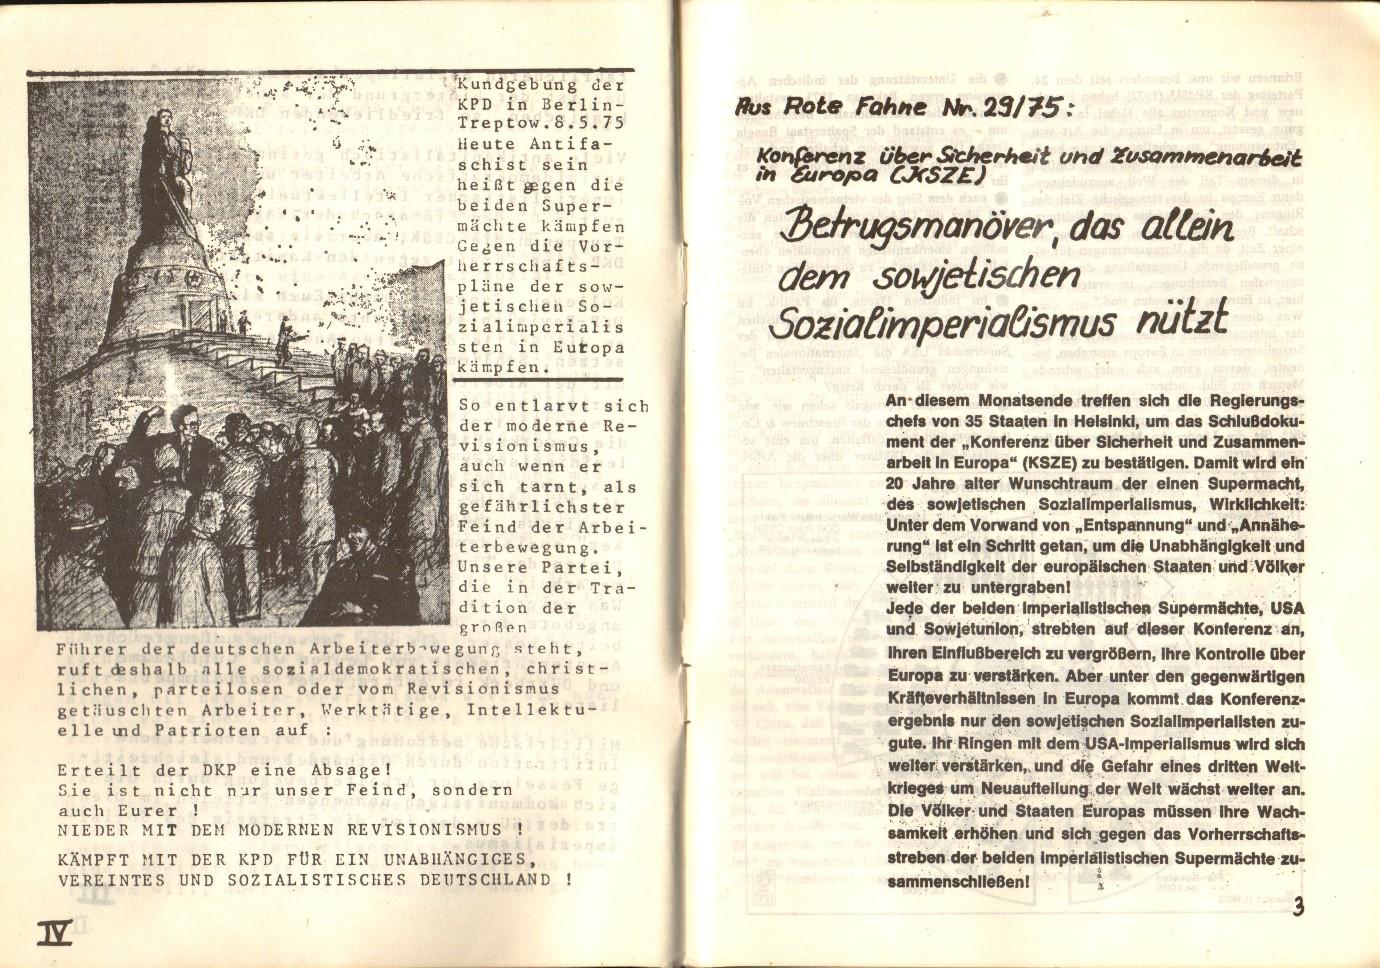 NRW_AO_1975_UZ_Sprachrohr_der_Kremlzaren_04